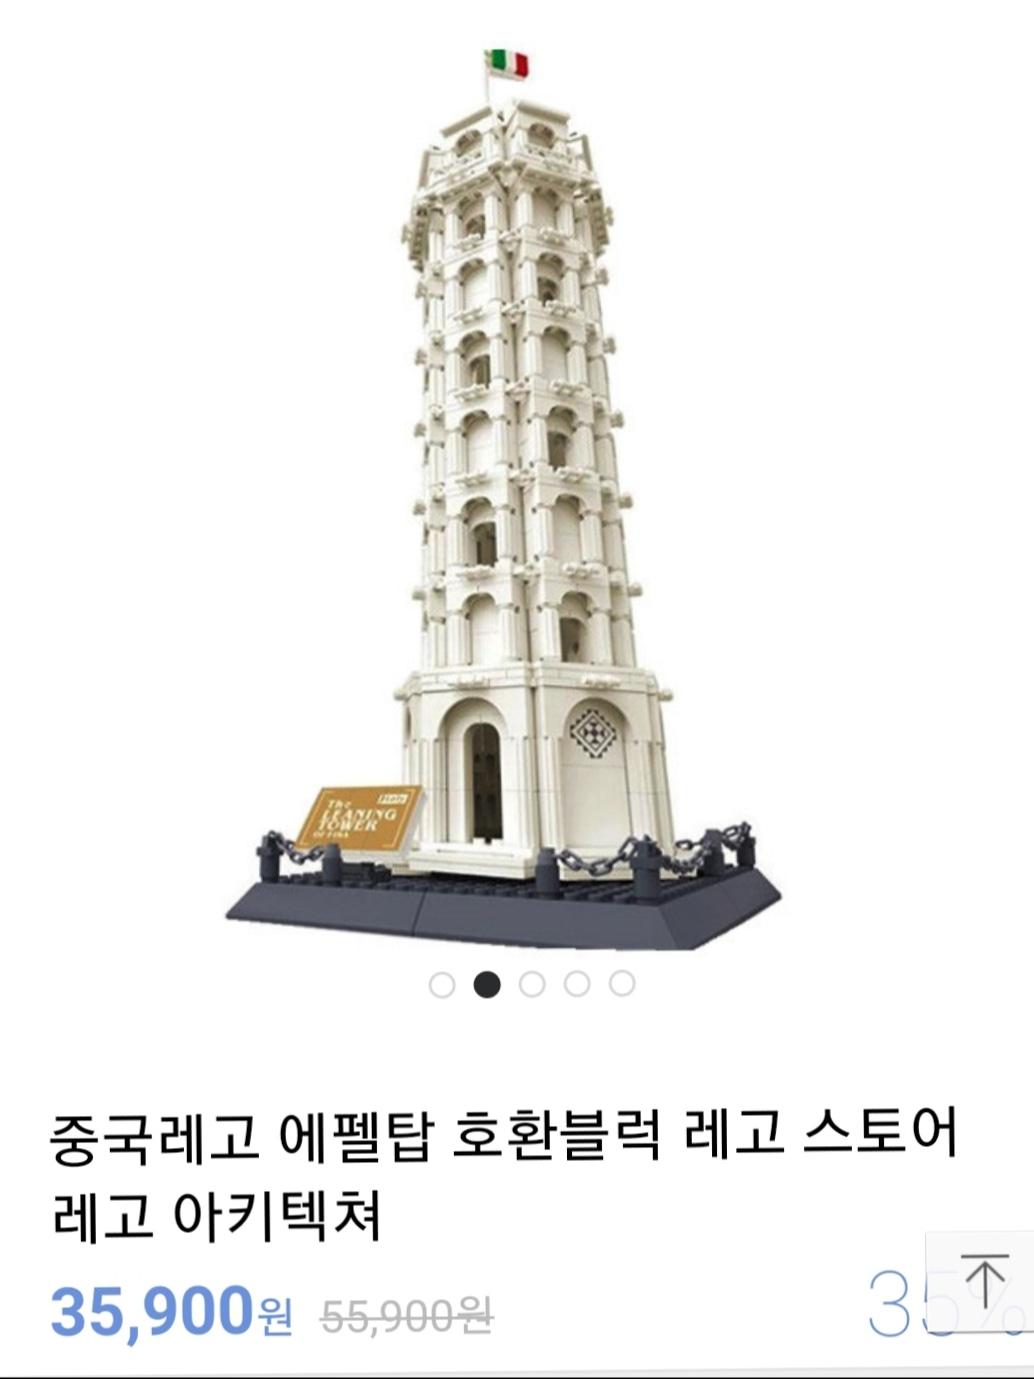 레고호환블럭 중국레고 피사의 사탑 미개봉 신품